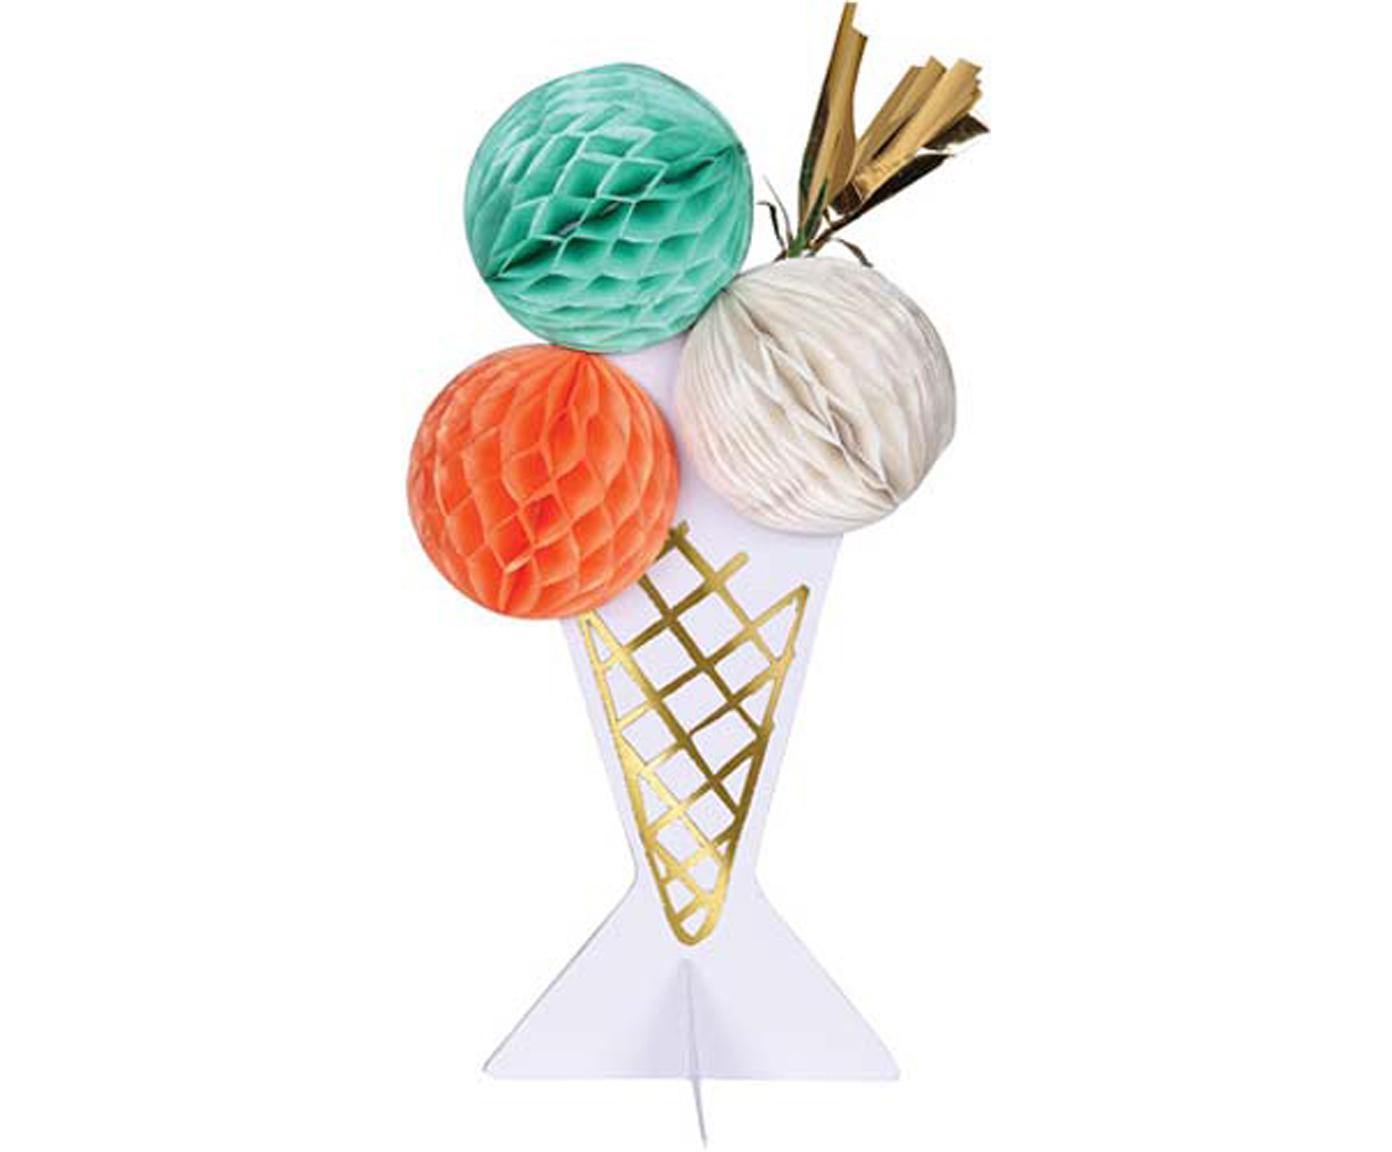 Verjaardagskaart Ice Cream, Papier, Roze, wit, mintgroen, goudkleurig, 19 x 13 cm